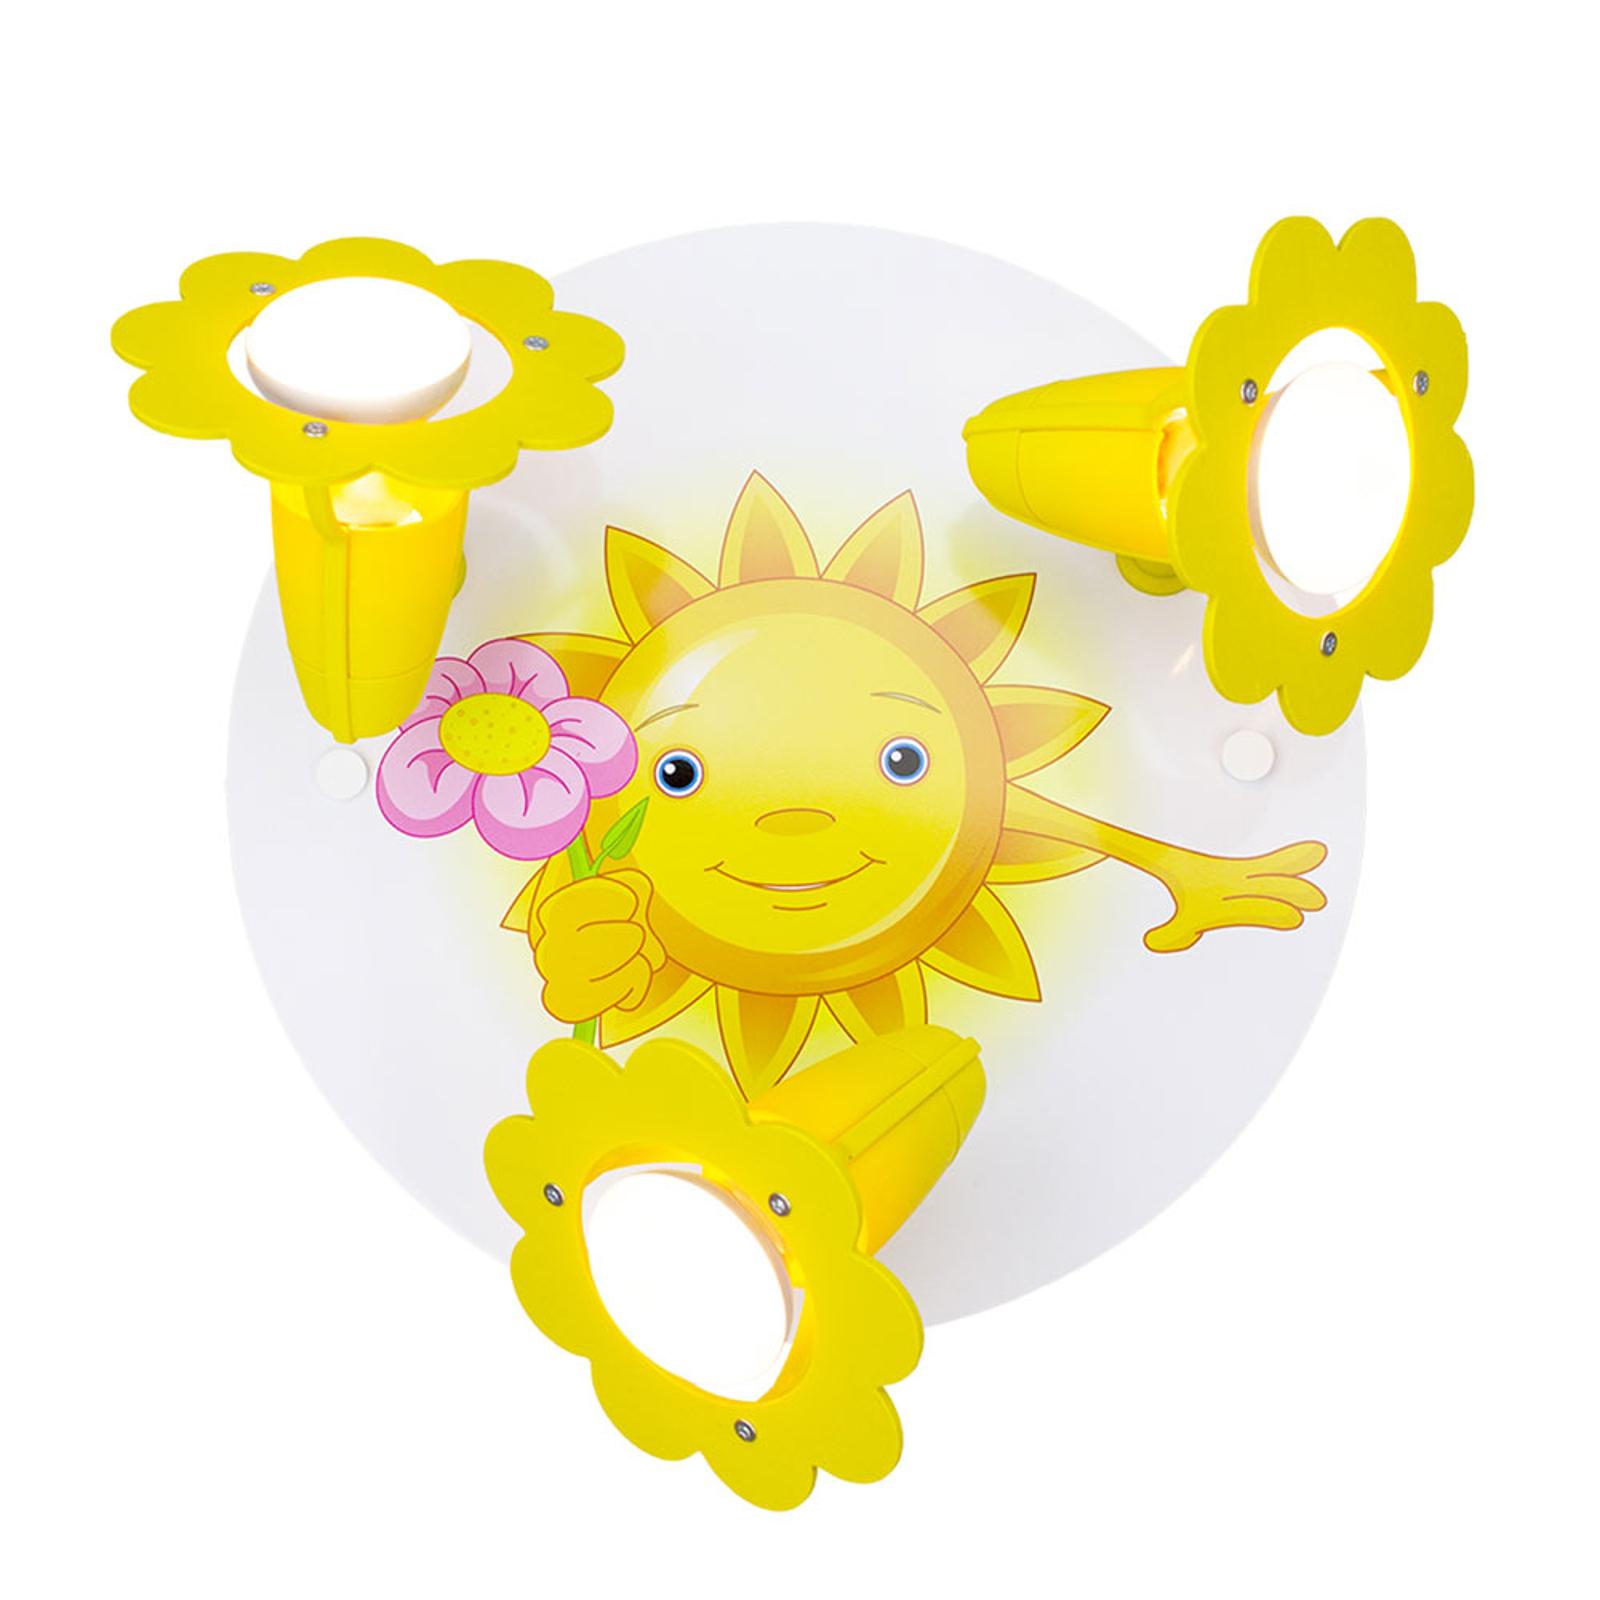 Deckenlampe Sonne mit Blume dreiflammig, gelb-weiß